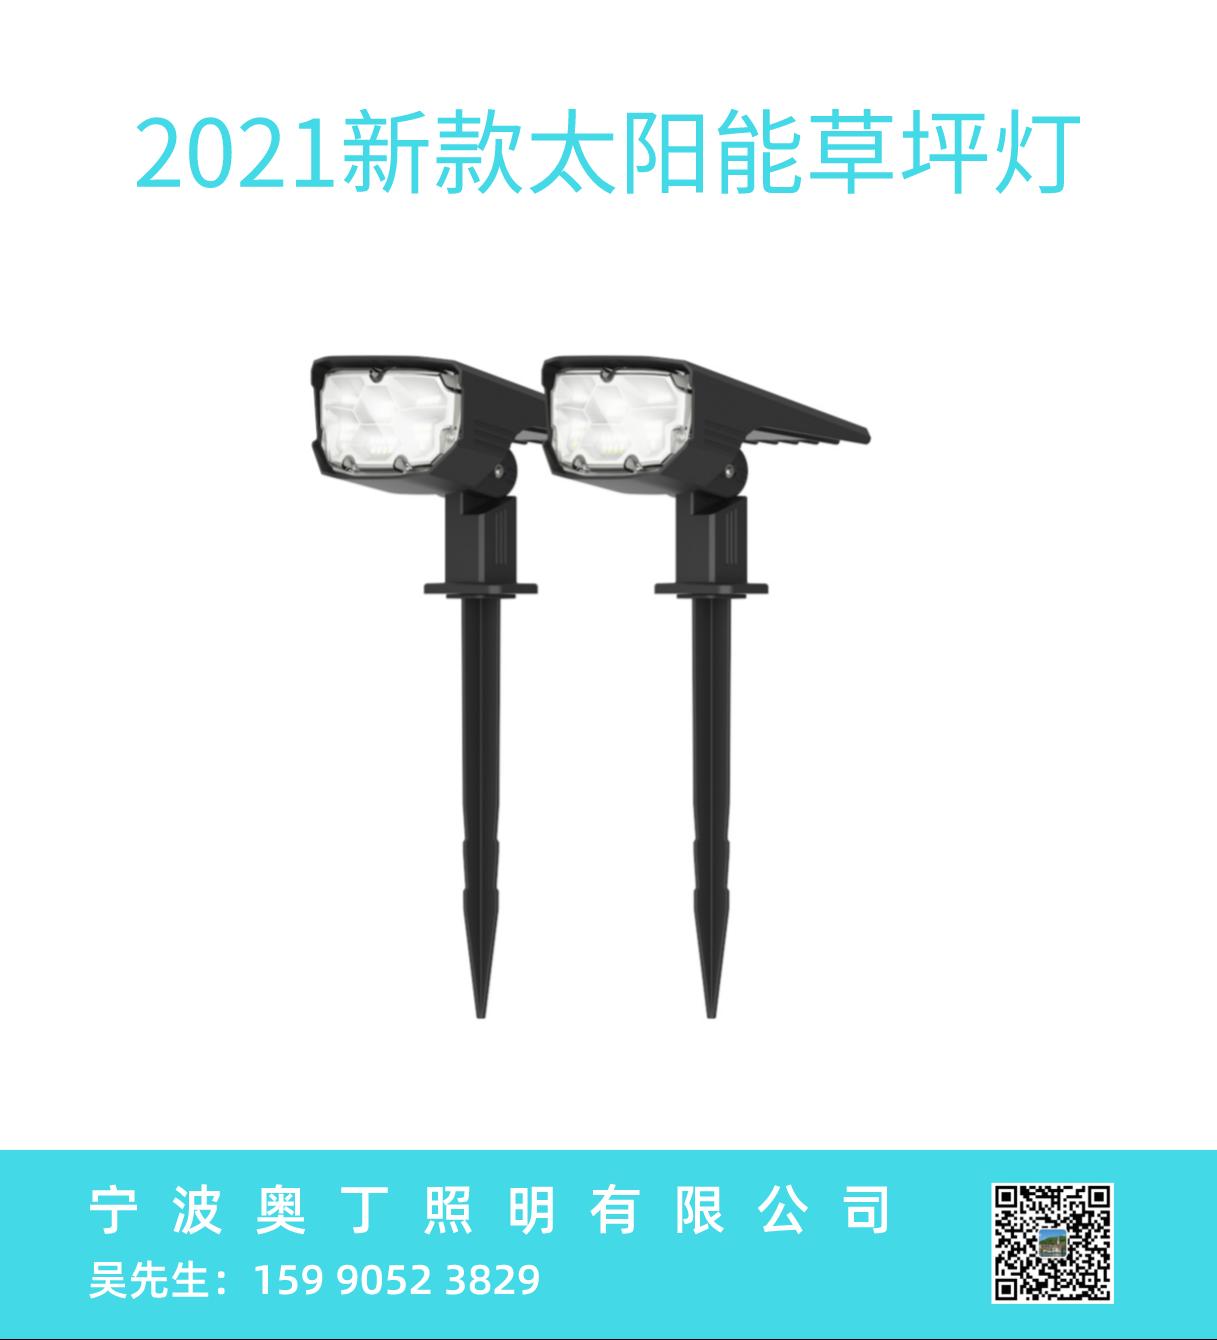 2021新款太阳能草坪灯IPX7防水 户外花园地插草坪 庭院壁灯射灯 跨境专供